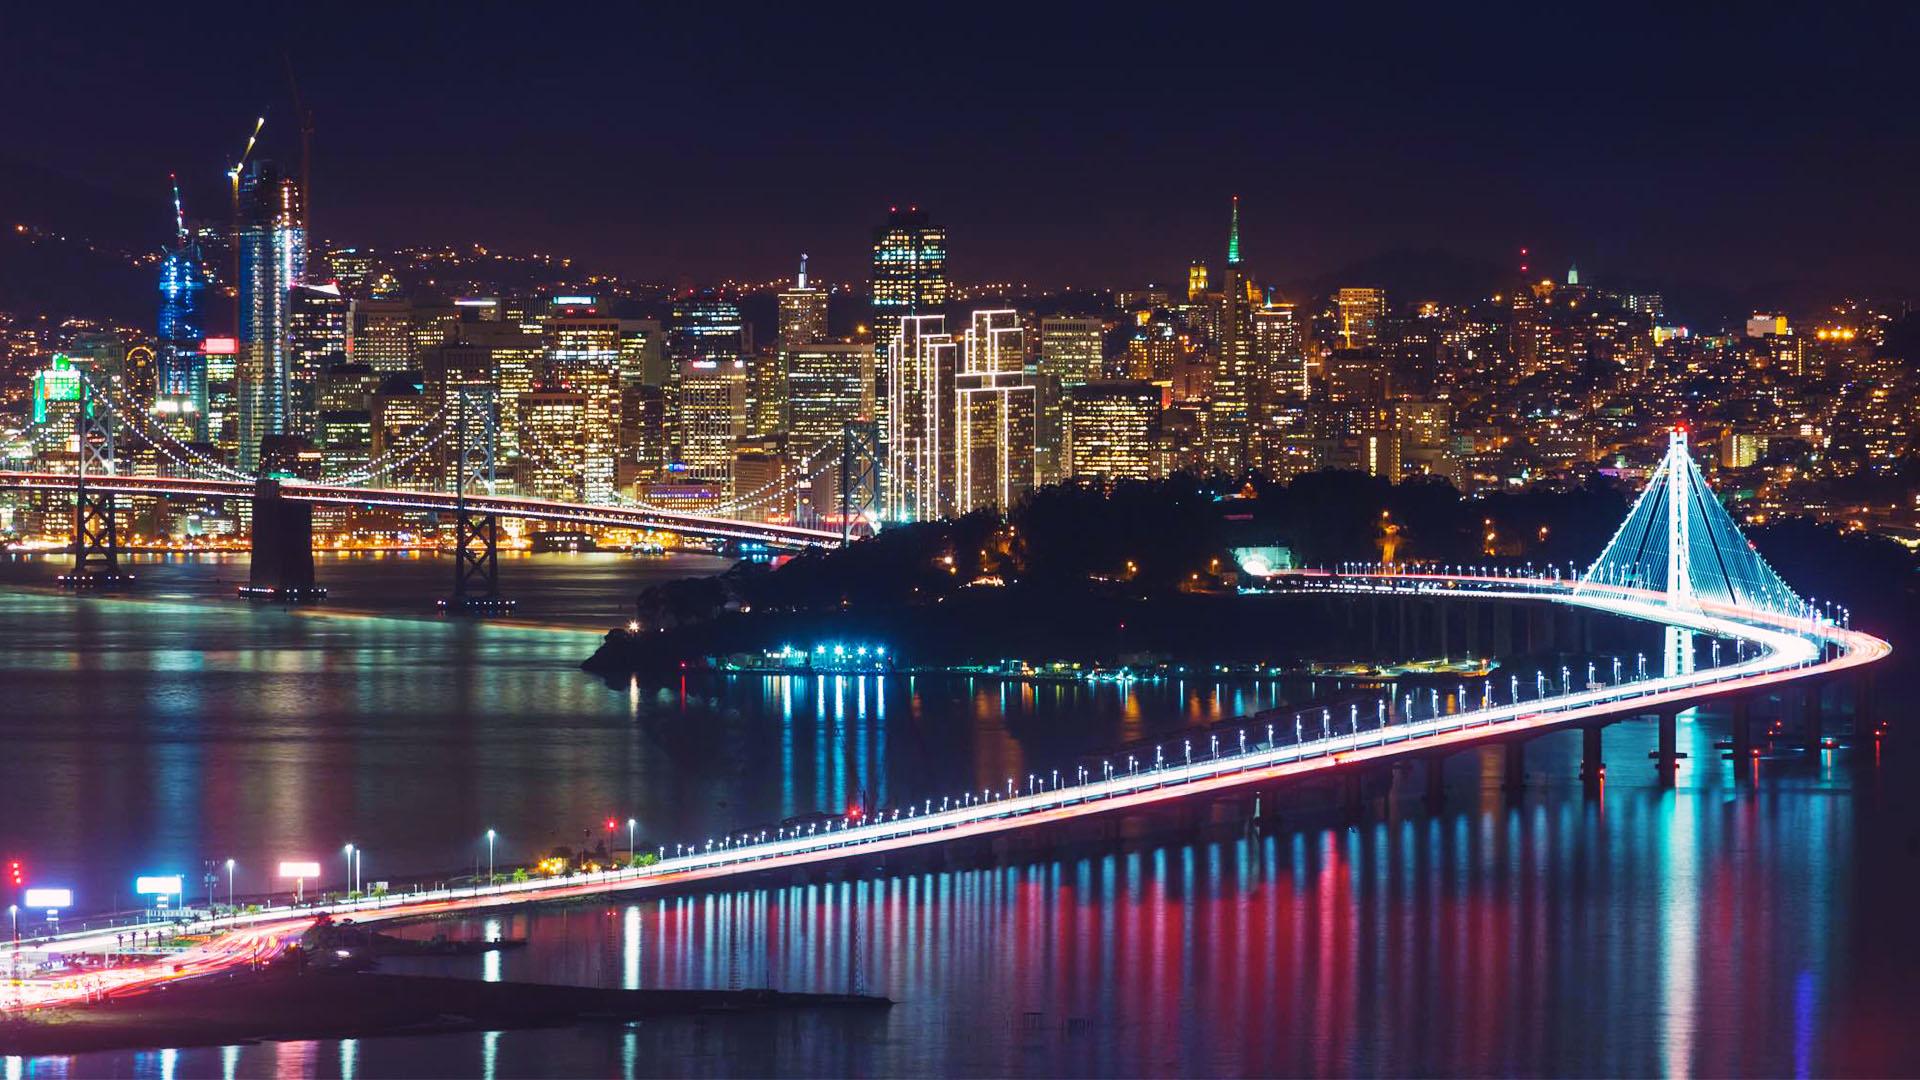 Ảnh đẹp thành phố đêm